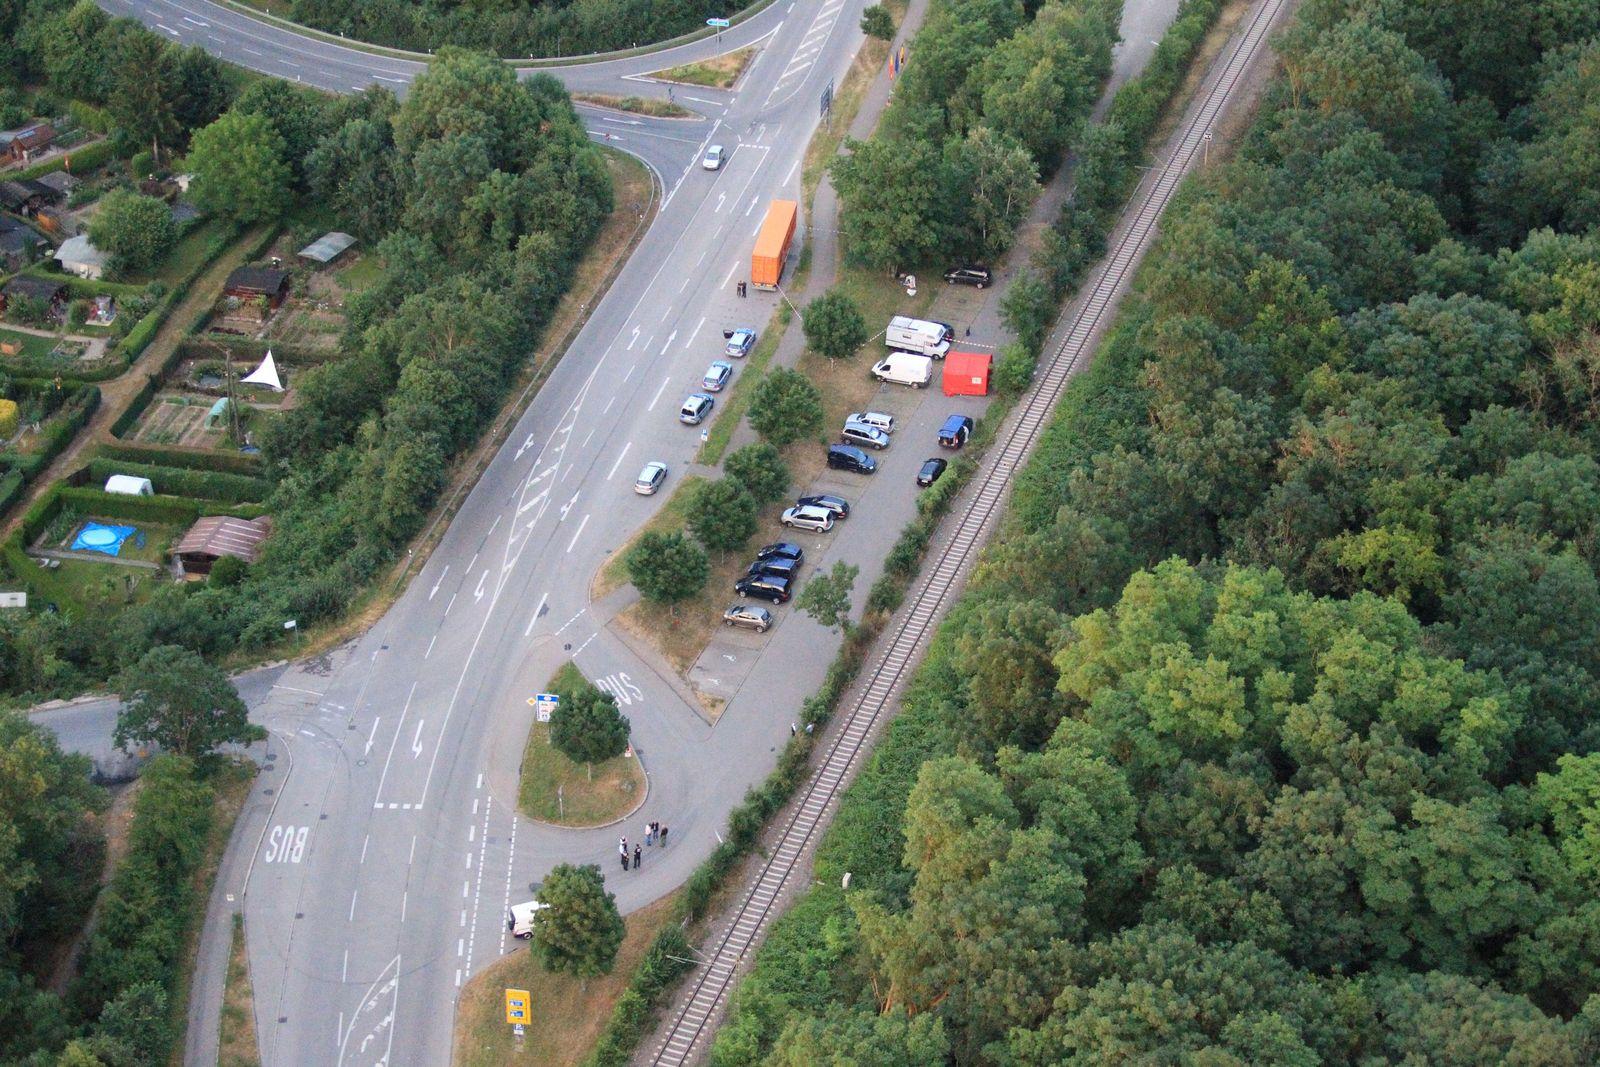 EINMALIGE VERWENDUNG Neuenburg/ Tötungsdelikt/ Pendlerparkplatz